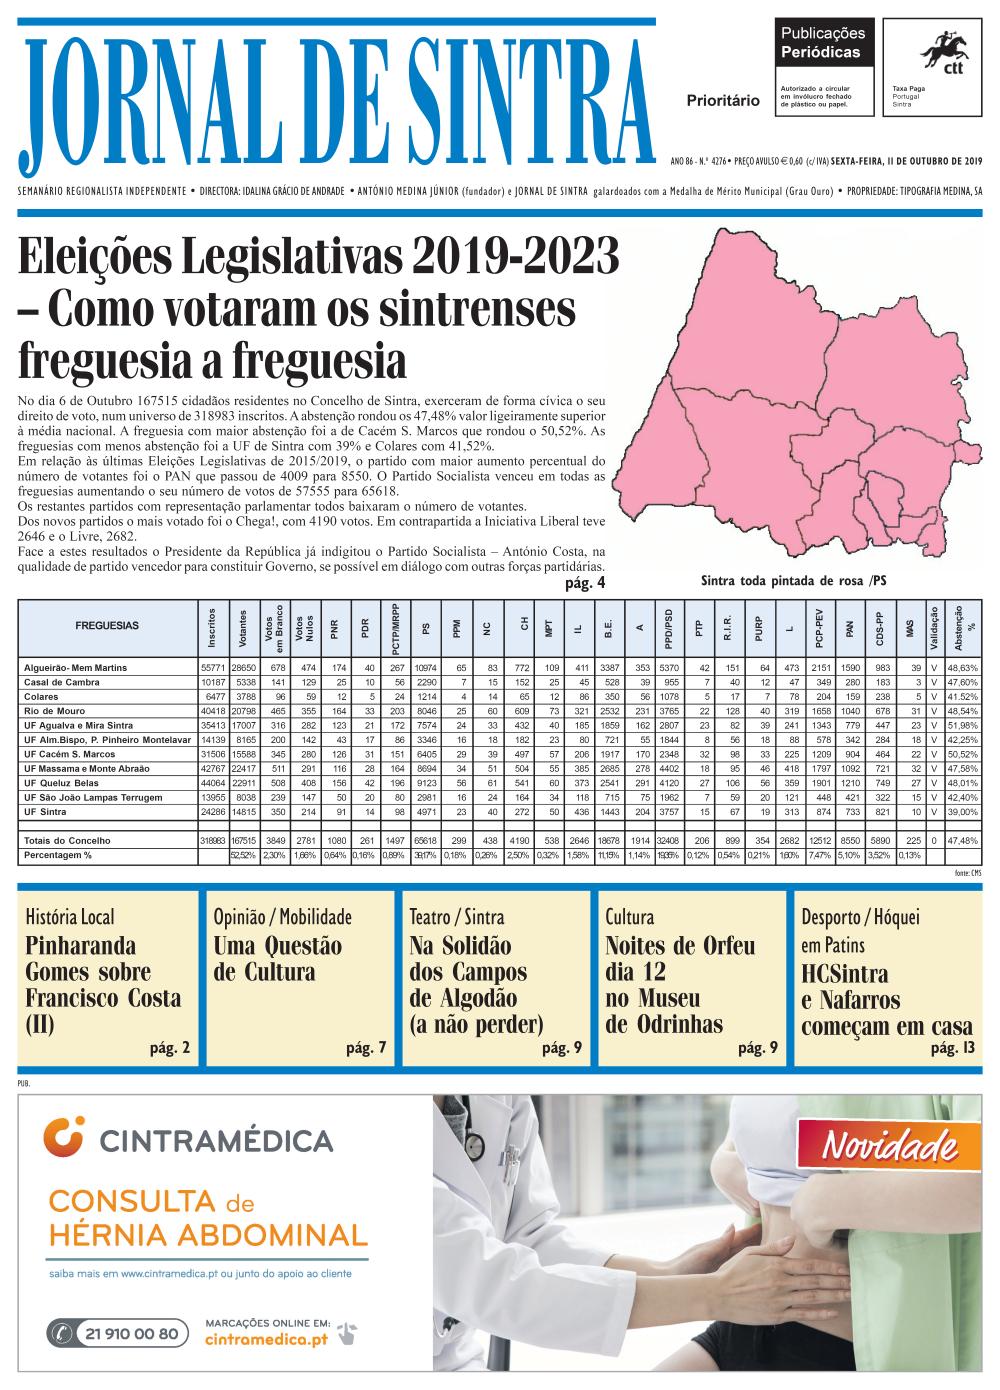 Capa da edição de 11/10/2019